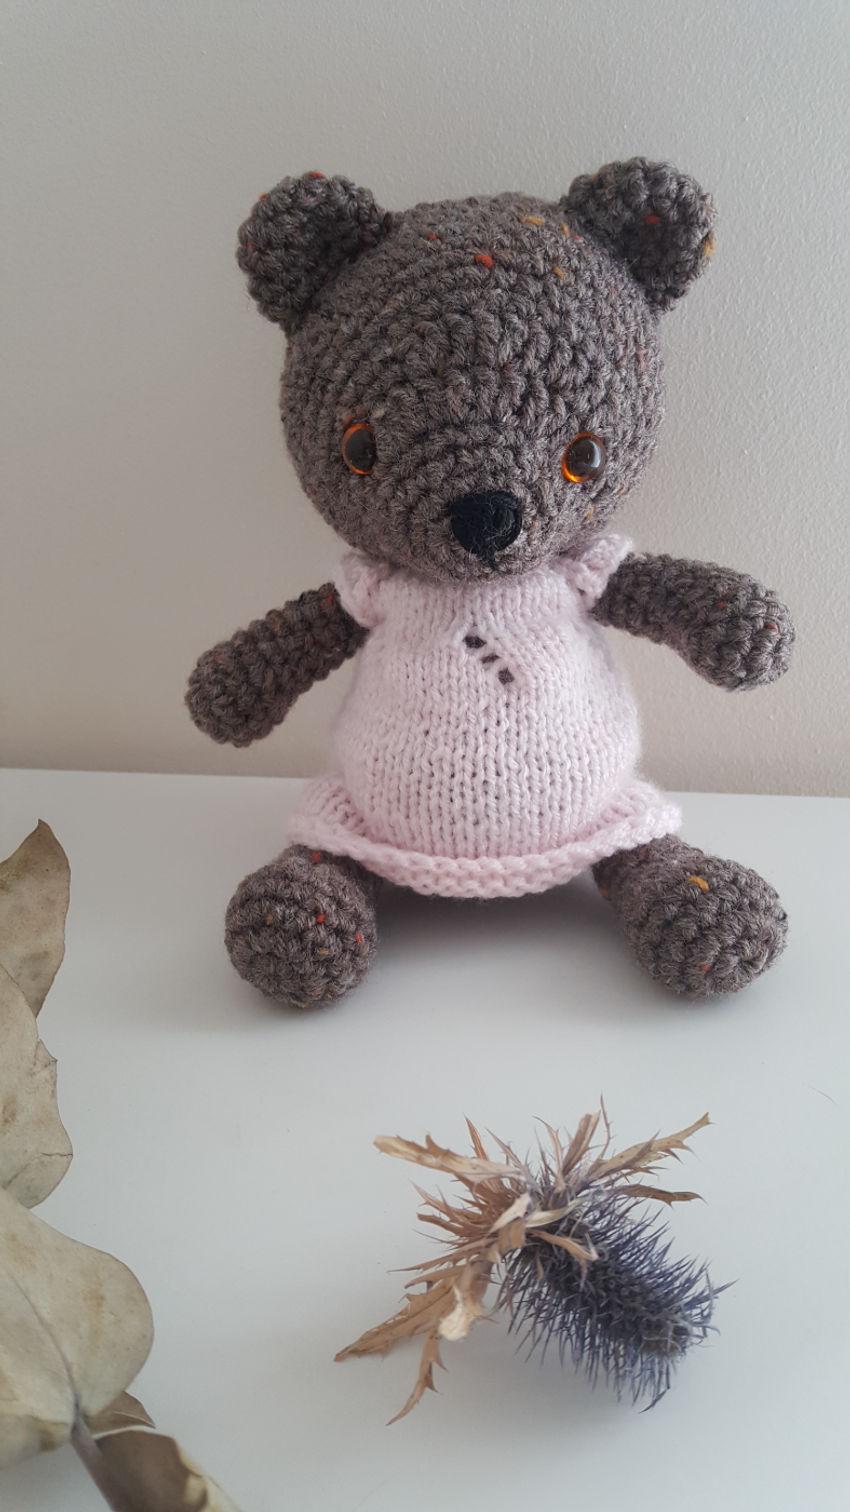 žaislai | minkšti | nerta meškutė rožine suknele